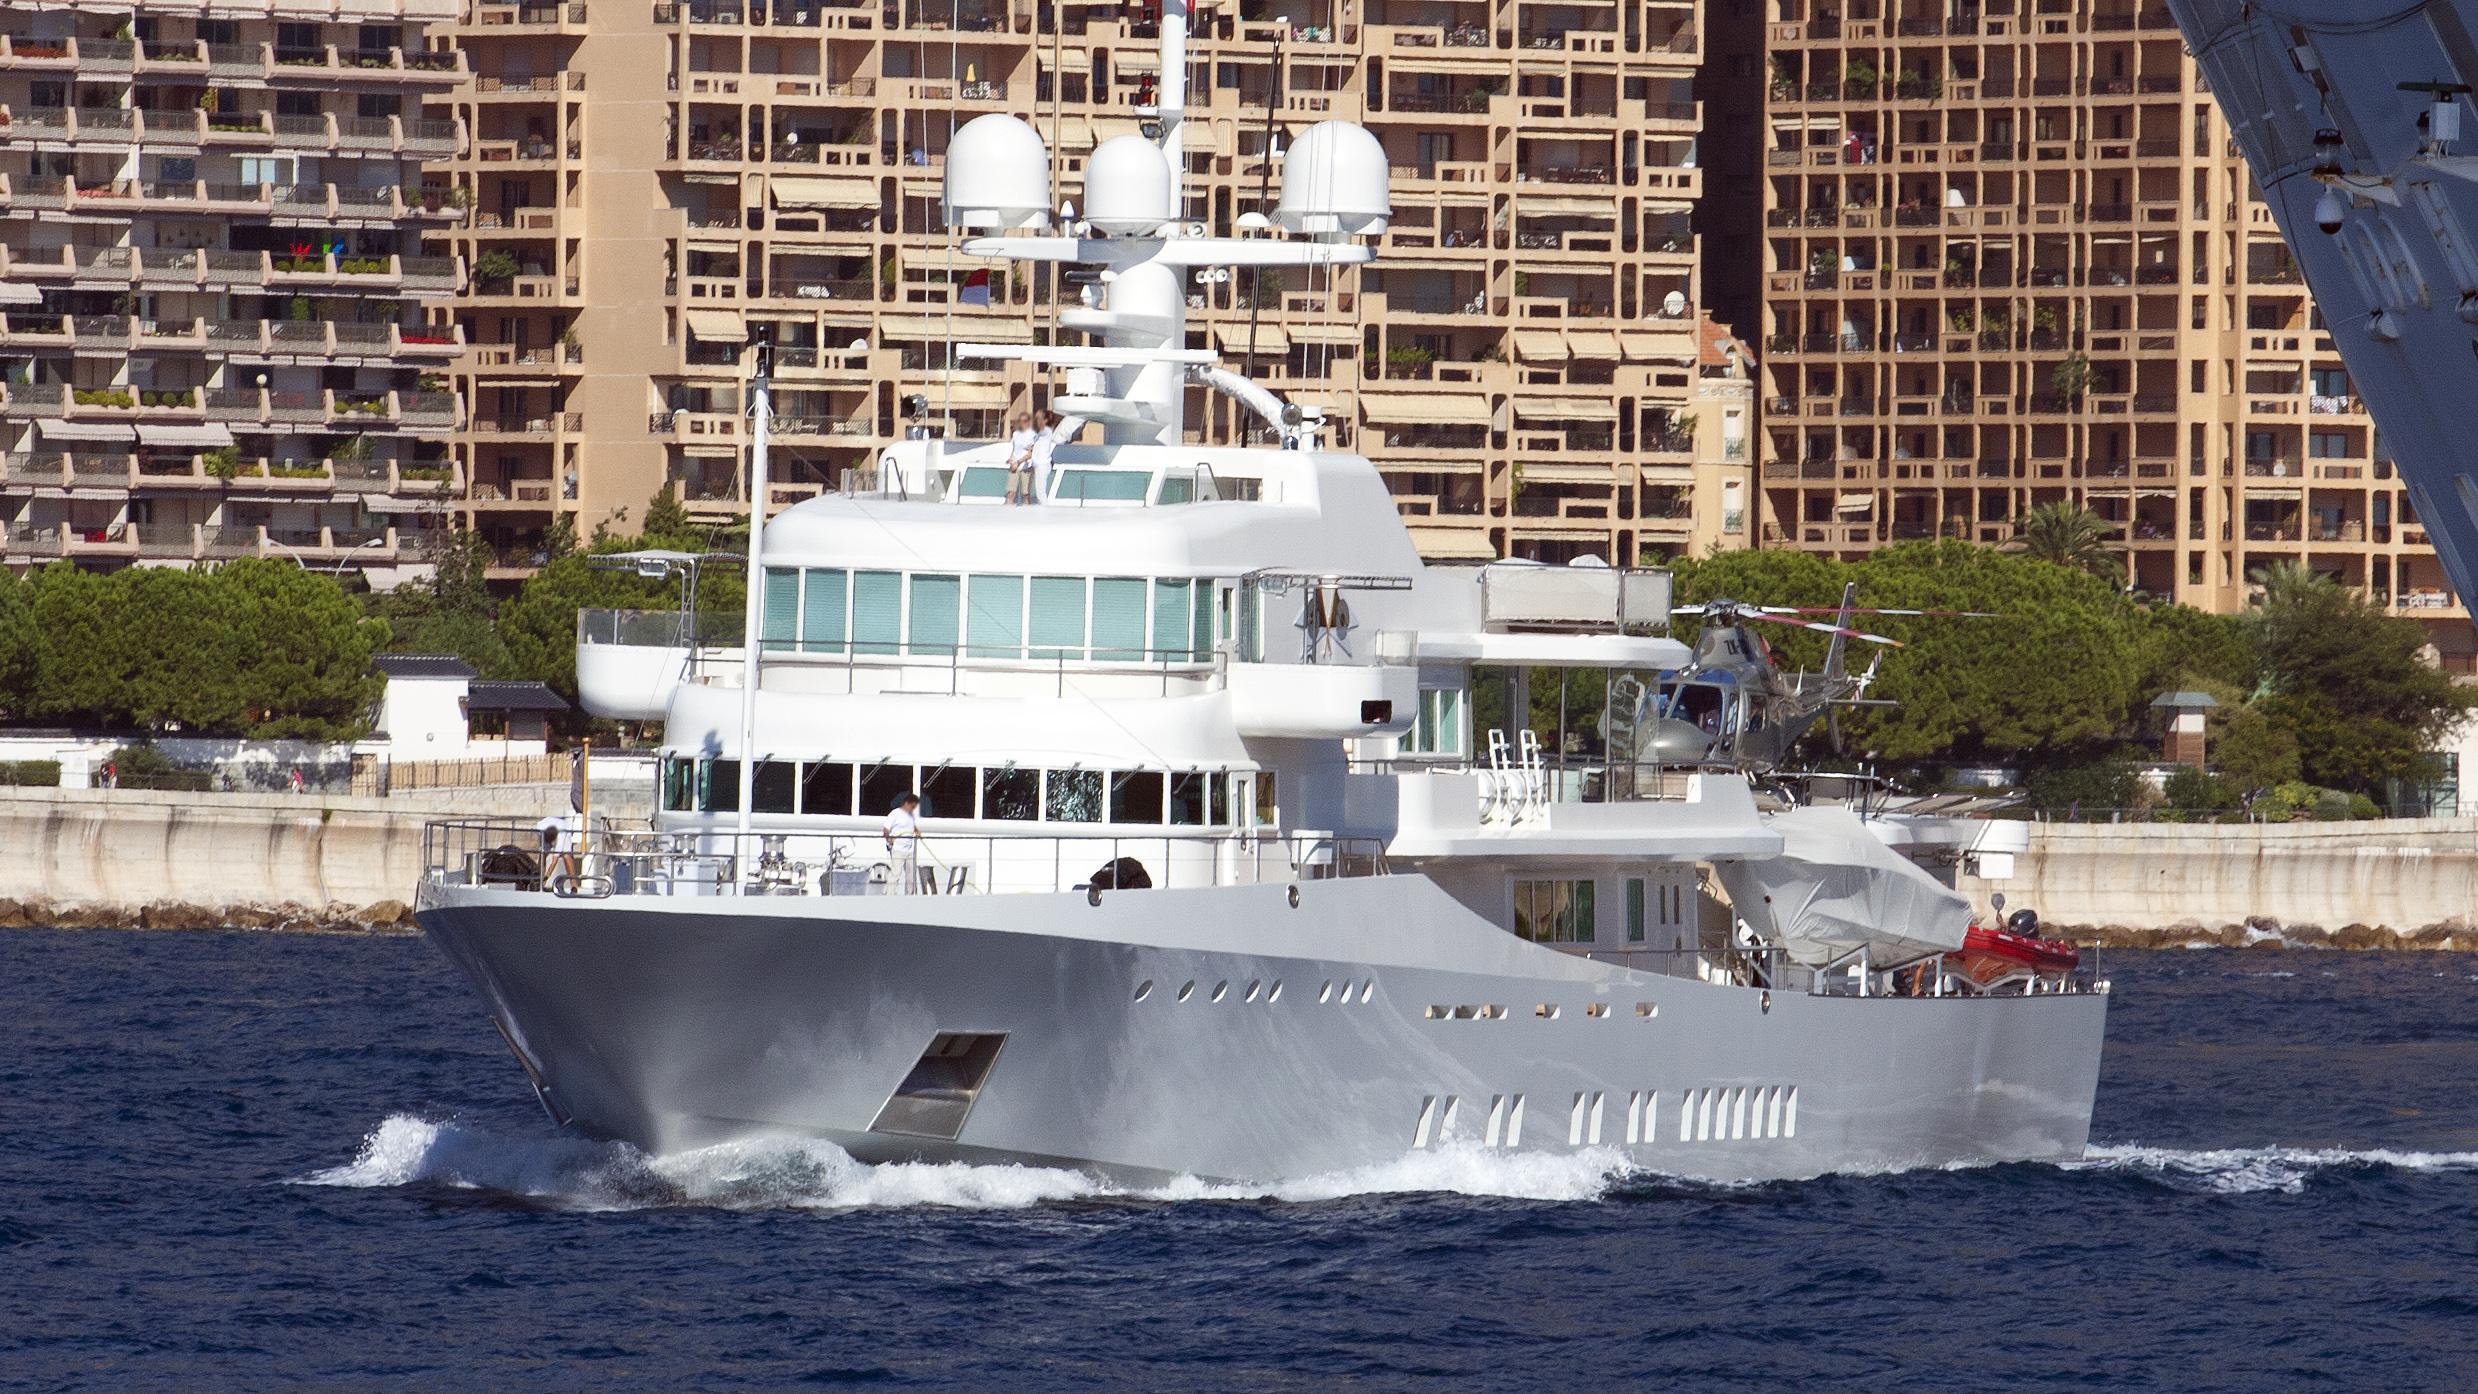 senses-explorer-yacht-schweers-1999-59m-half-profile